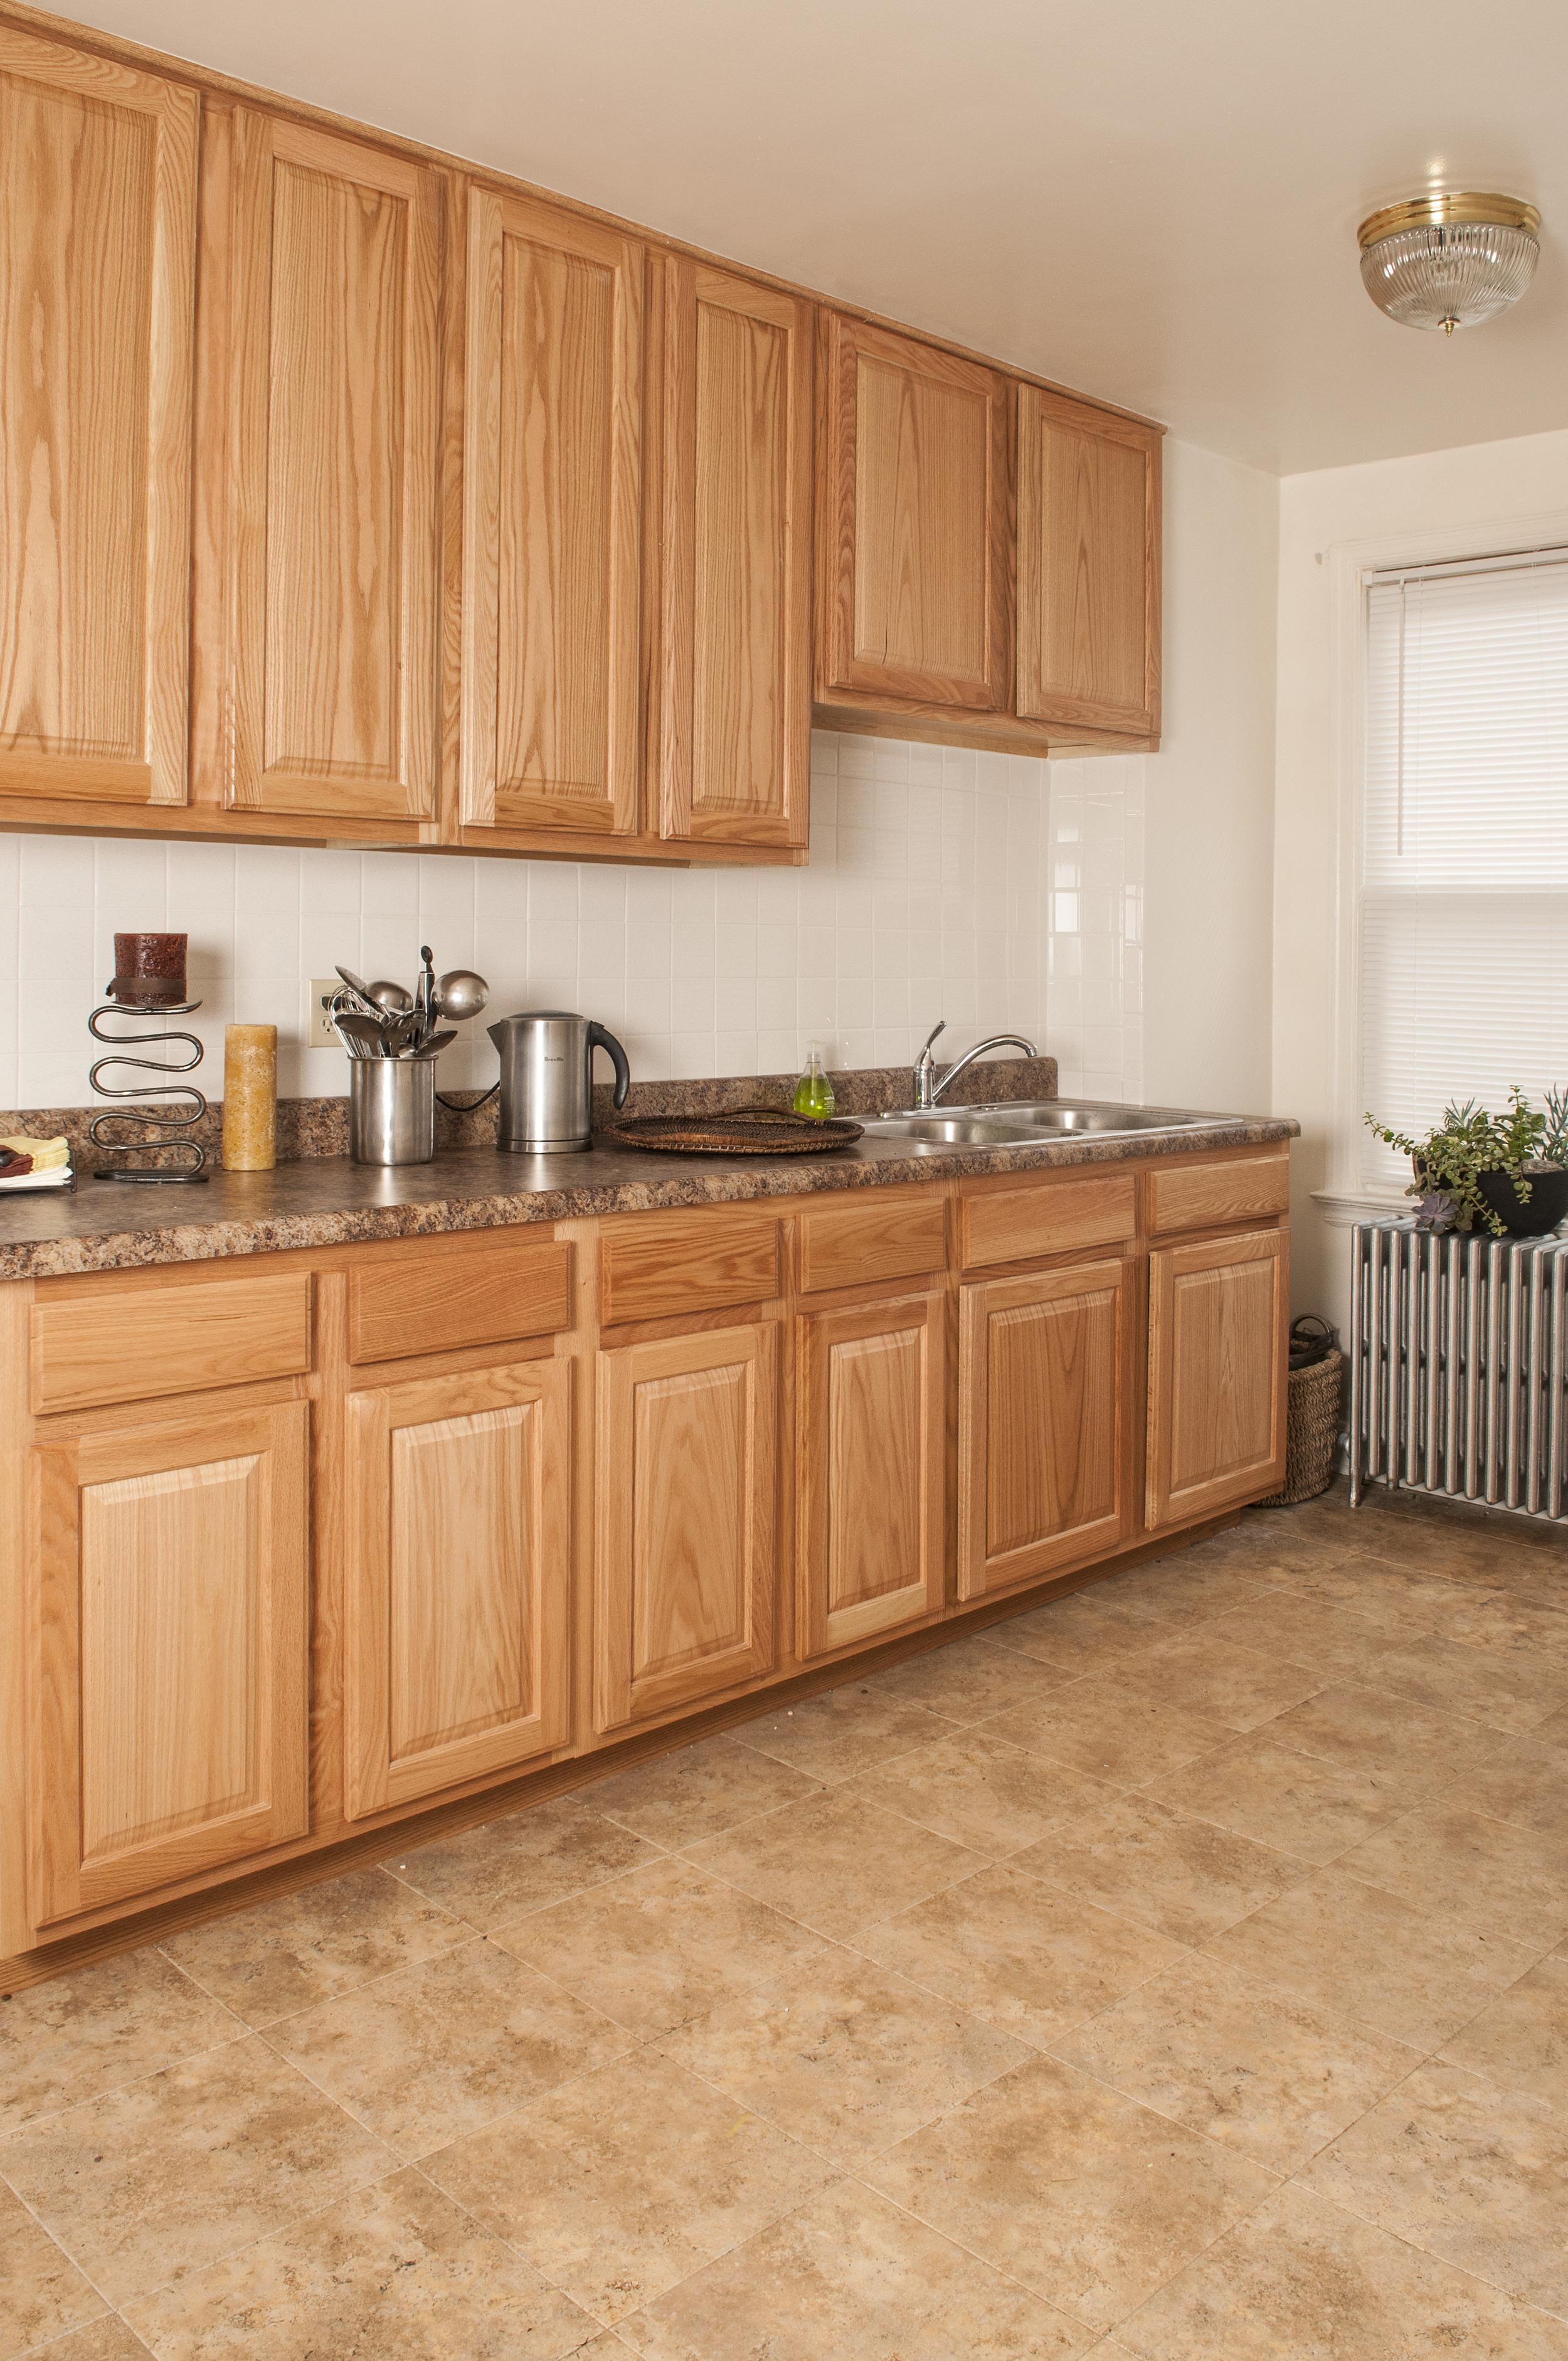 428_Vine_Kitchen.jpg